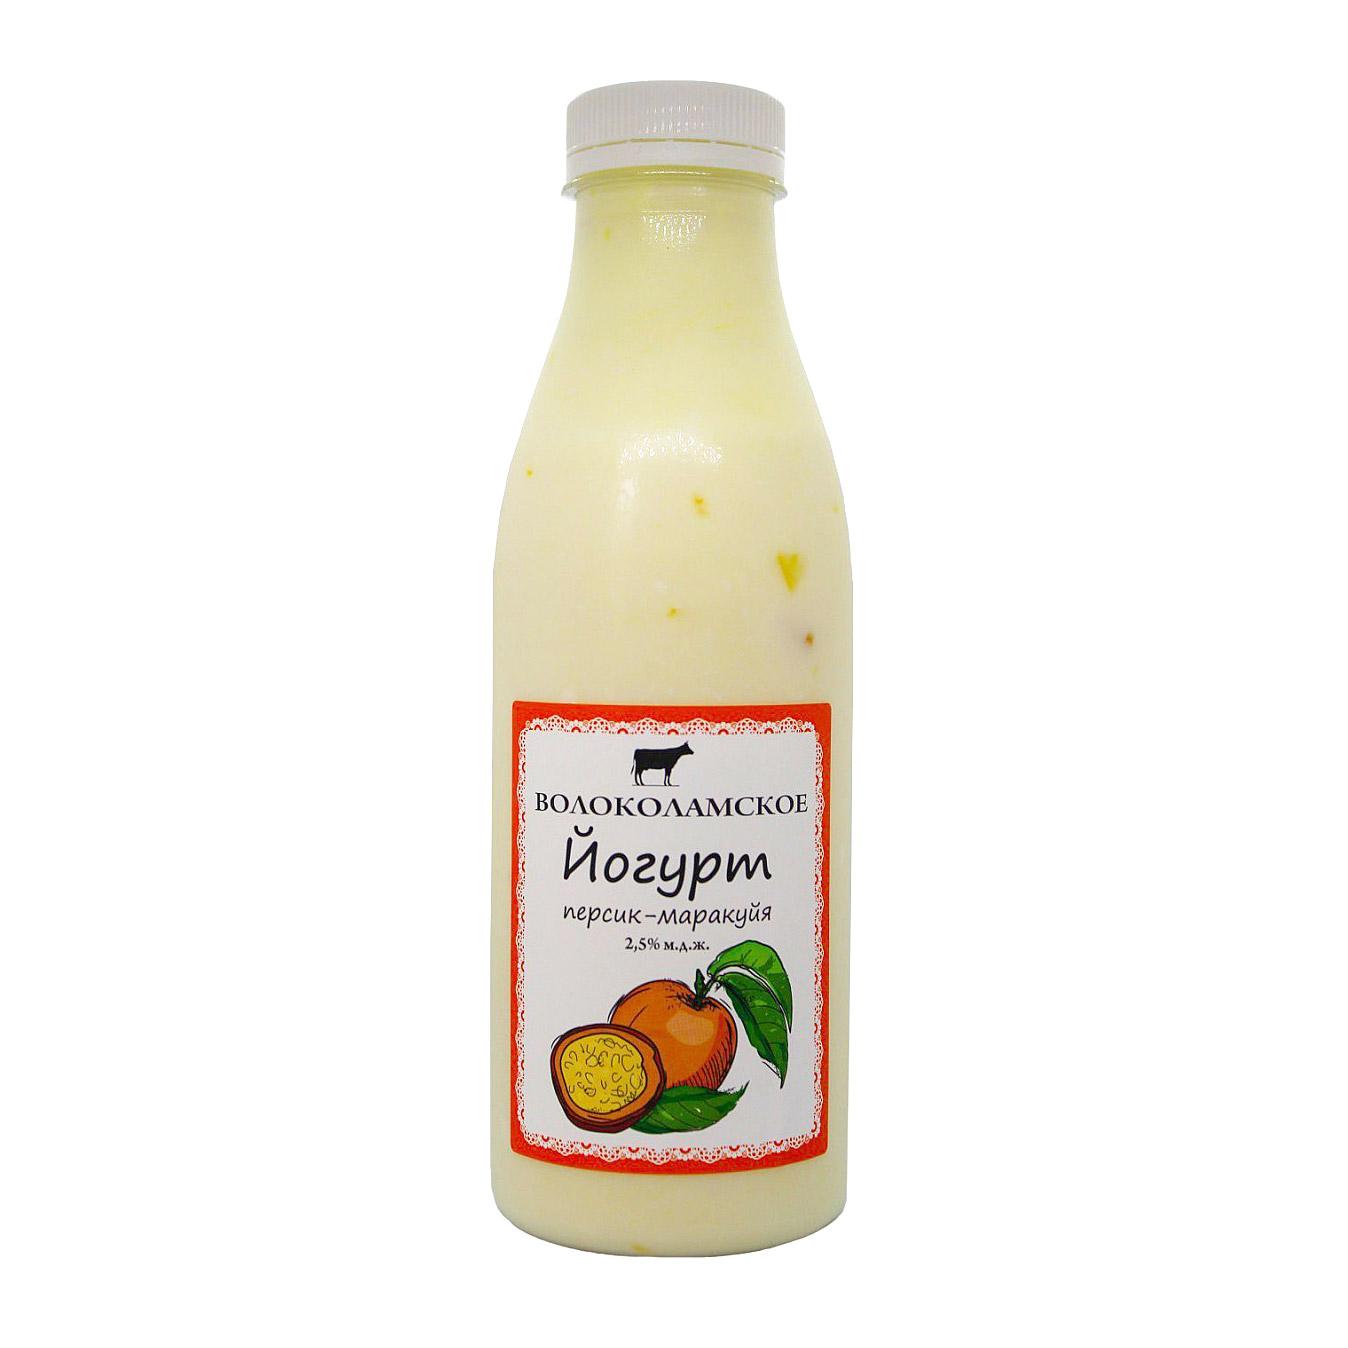 Йогурт питьевой Волоколамское Маракуйя-Персик 2,5%, 500 г недорого